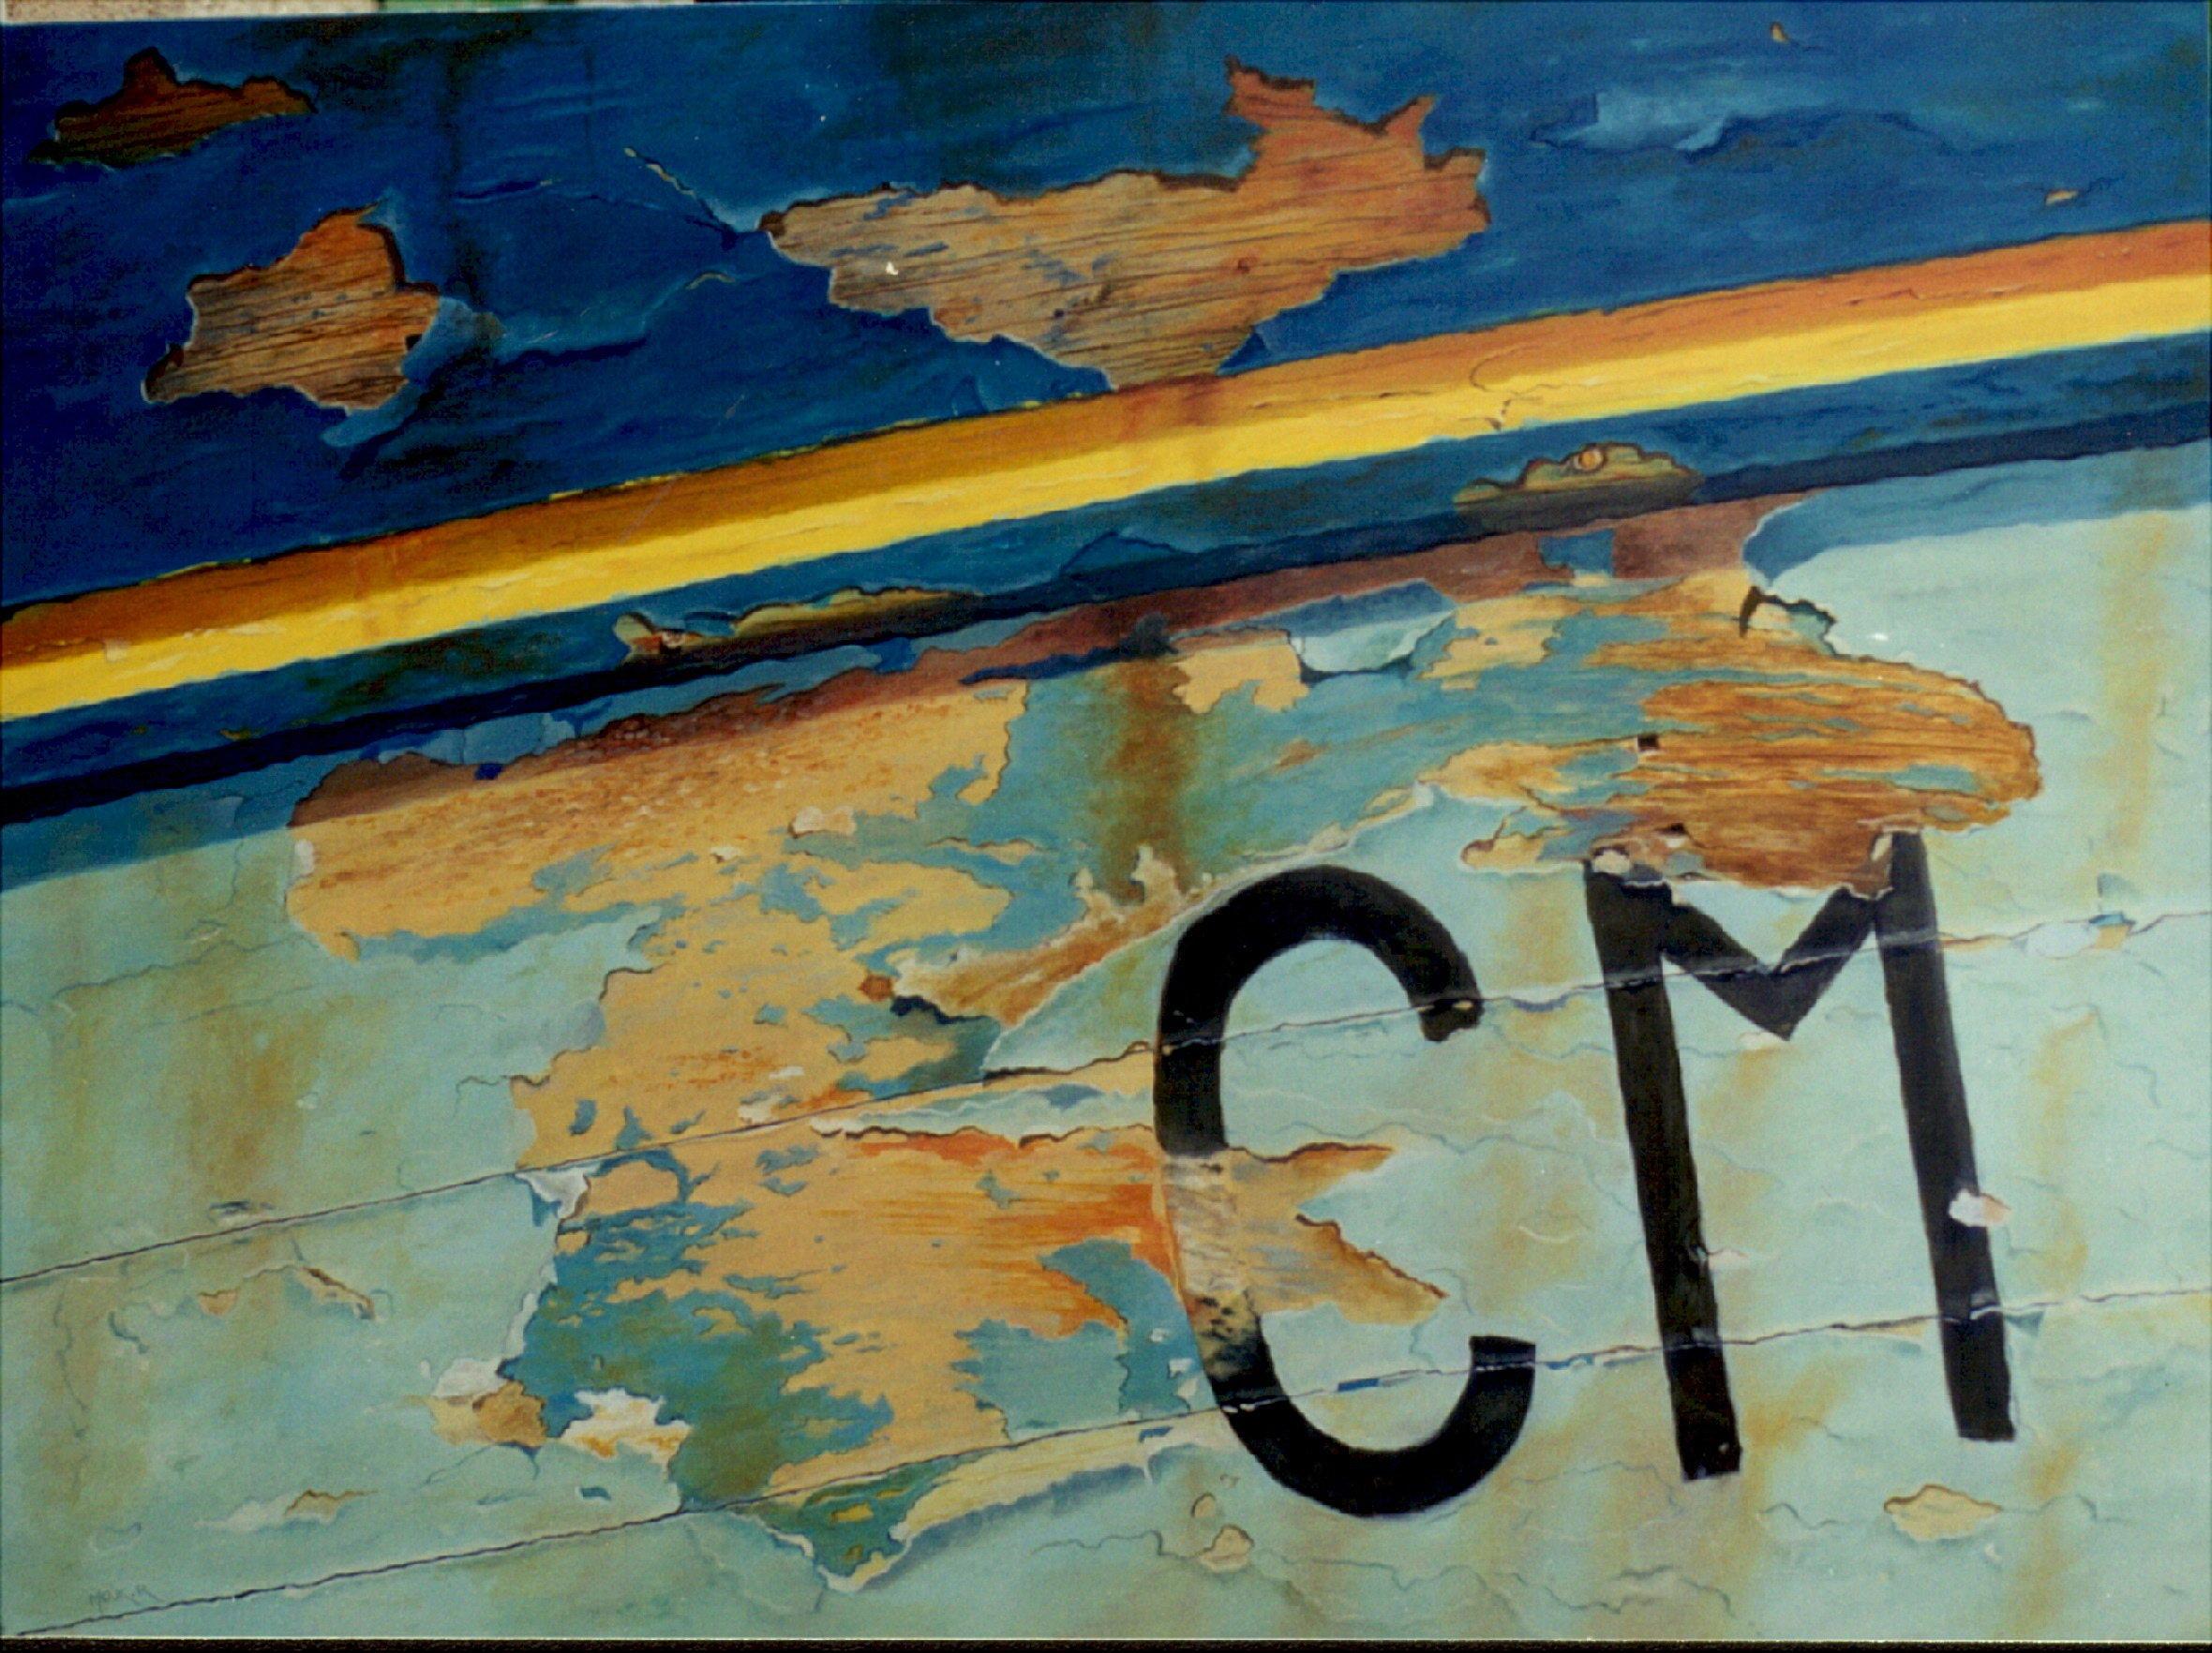 CM, huile sur toile, 81 x 60